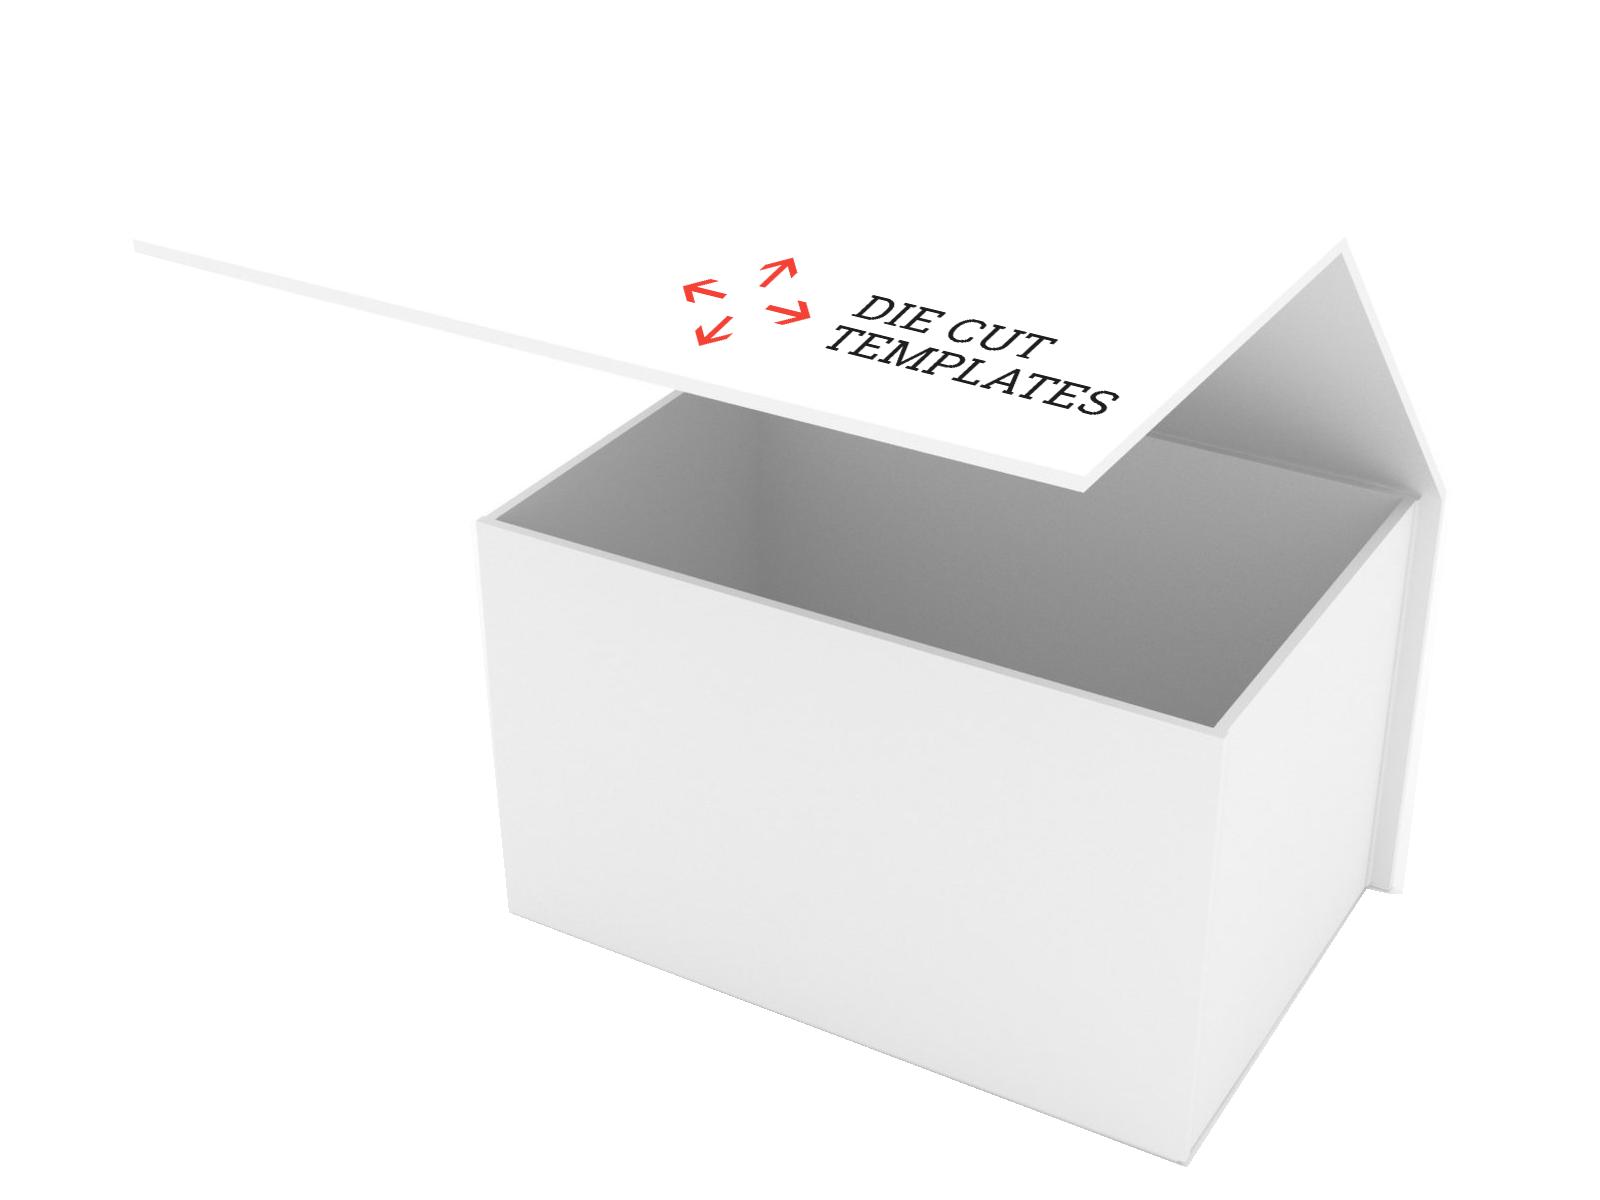 Box Dieline Generator Create Custom Dielines